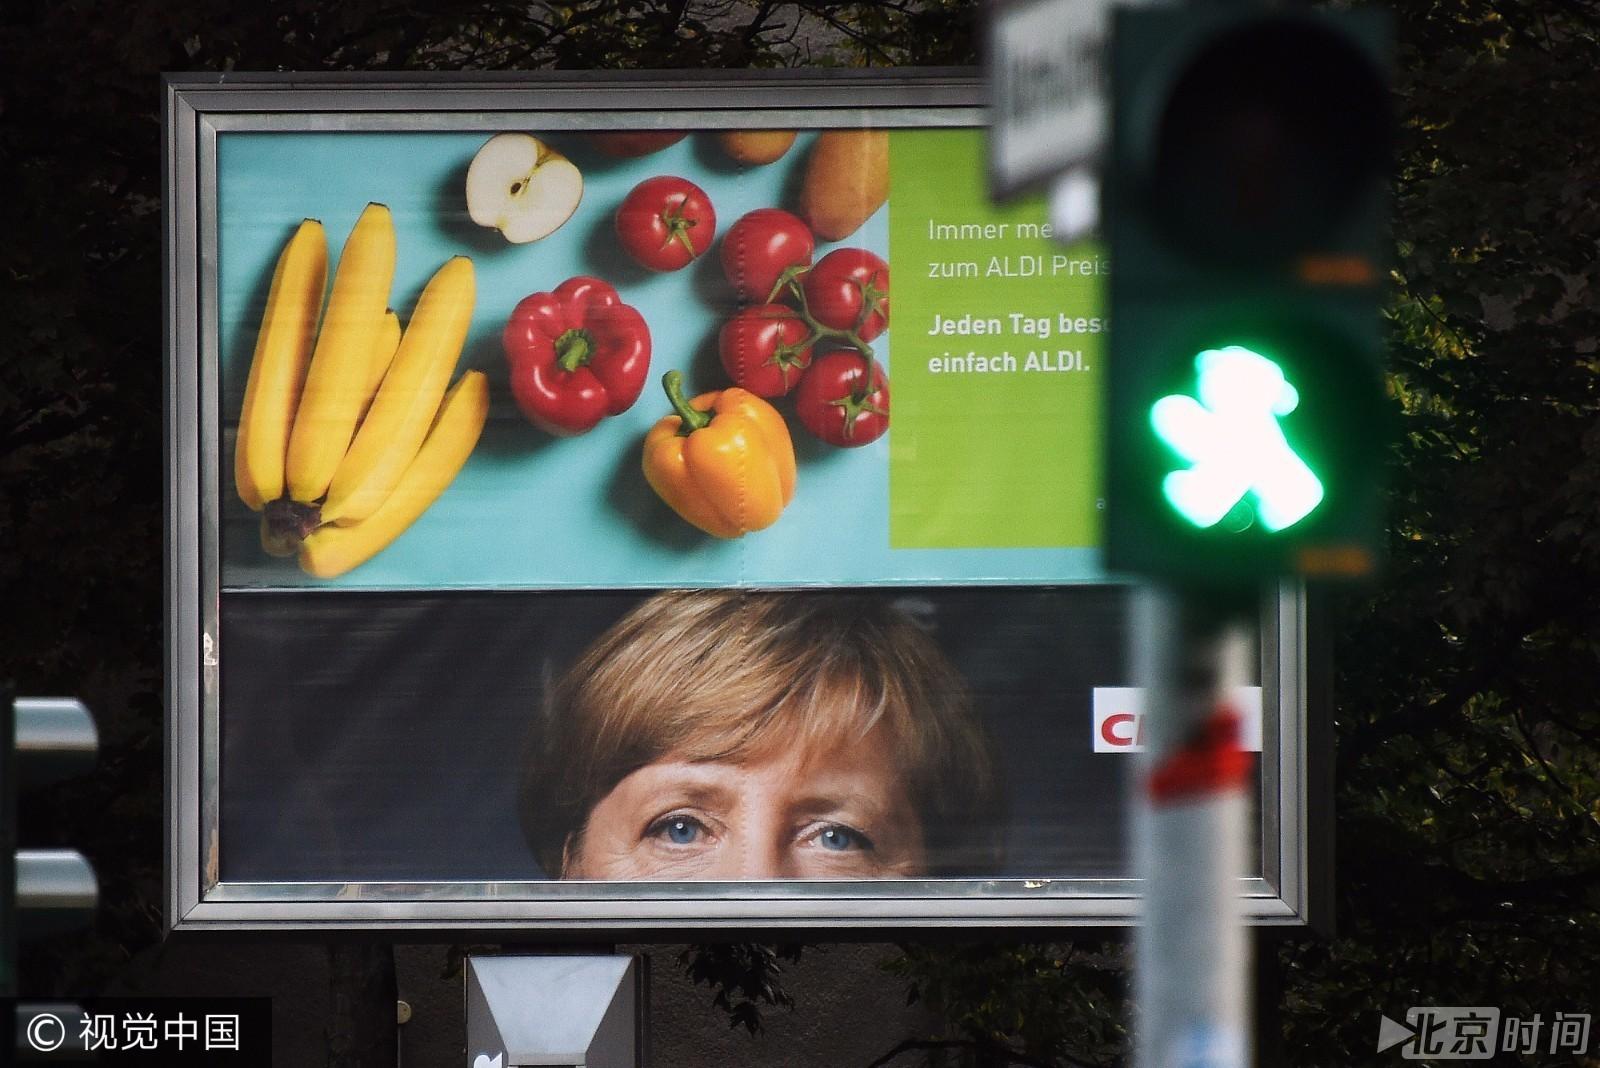 画像变小丑  德国总理竞选画像被人毁坏!